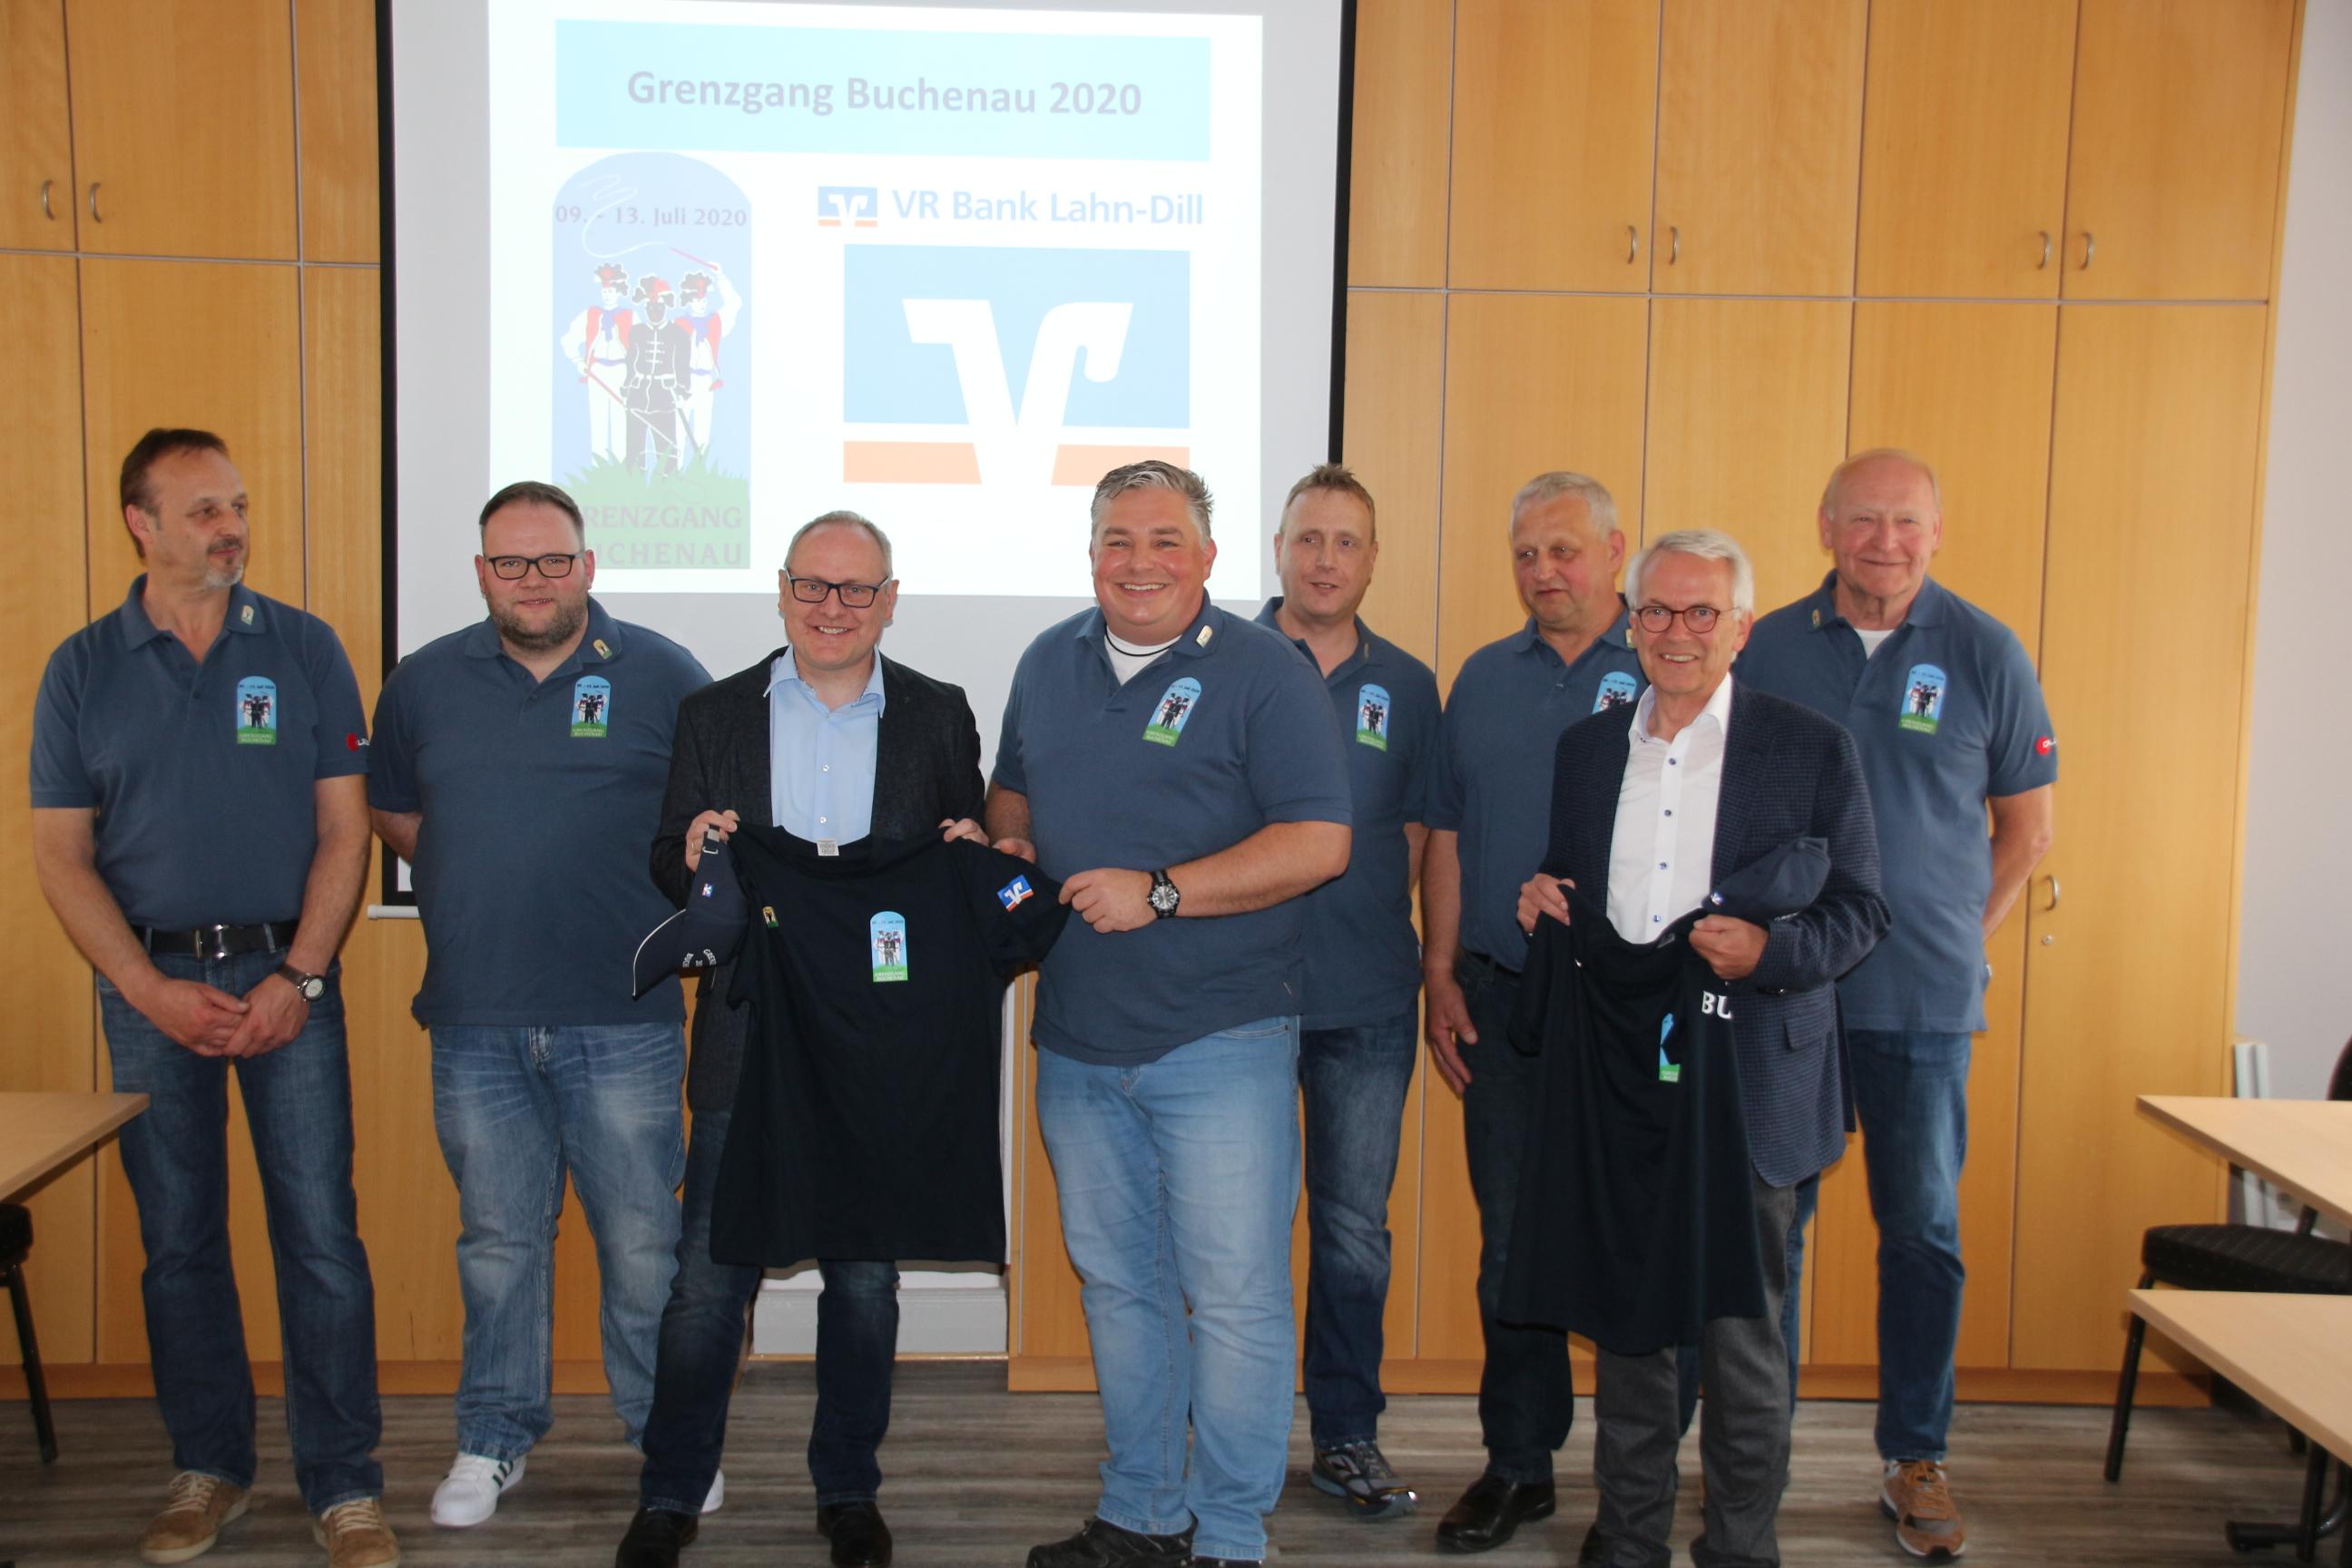 Übergabe der Shirts zum Grenzgang Buchenau 2020